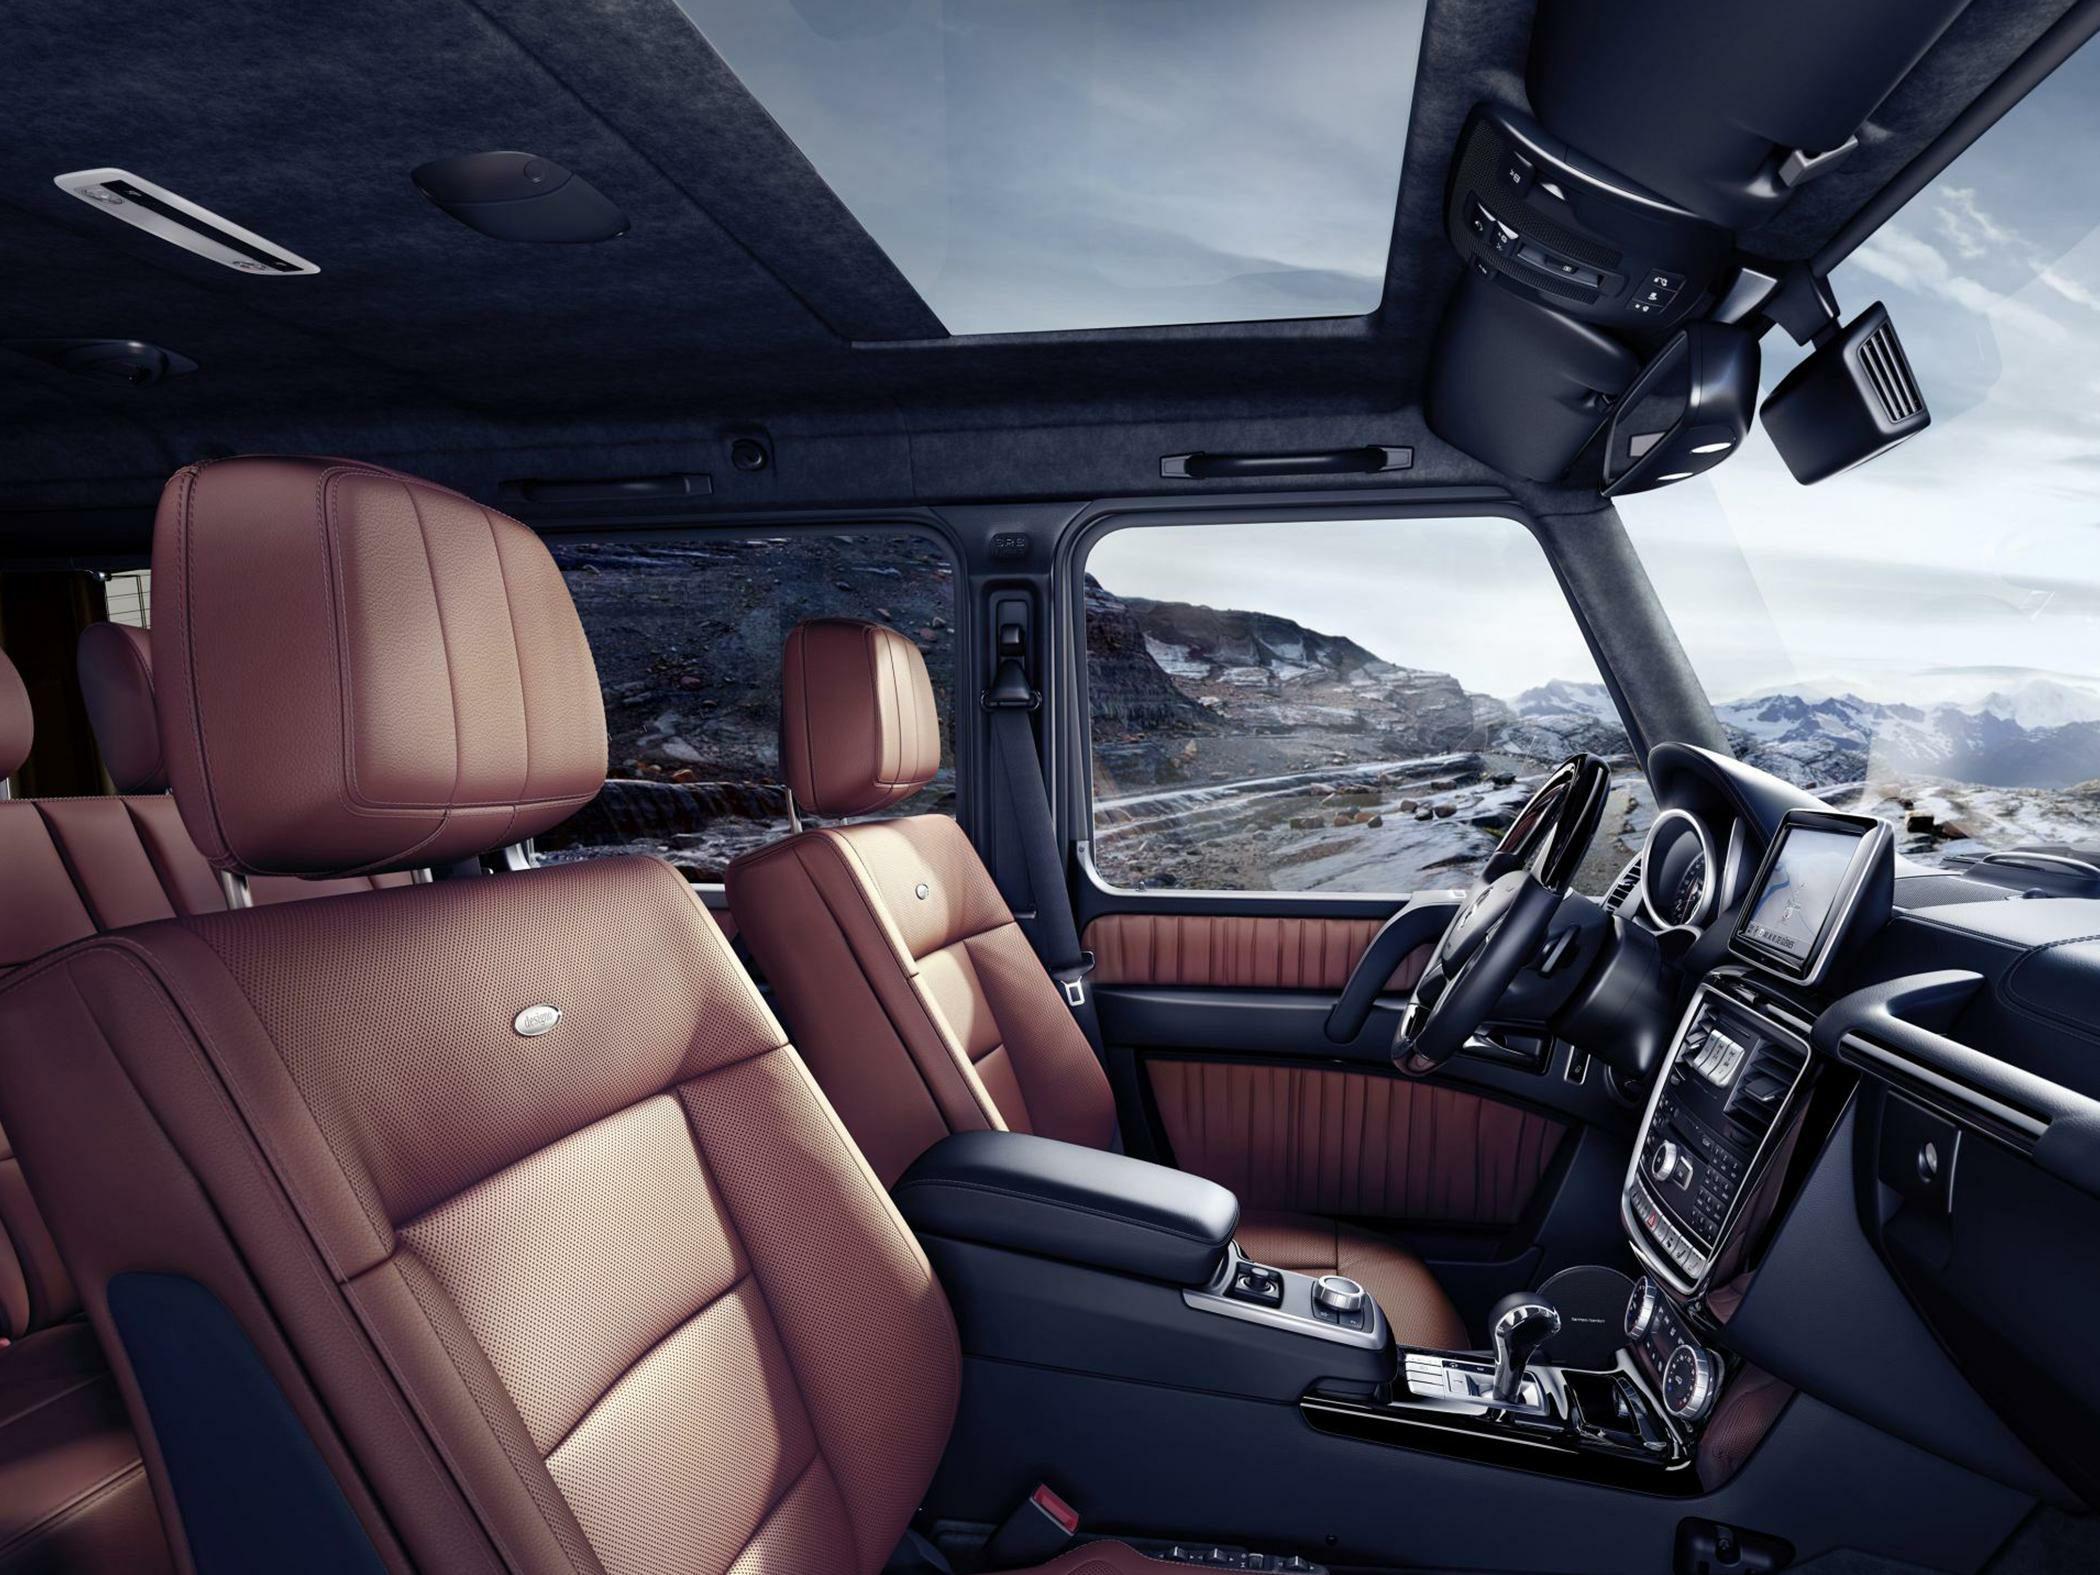 2016 MercedesBenz G550 Styles  Features Highlights